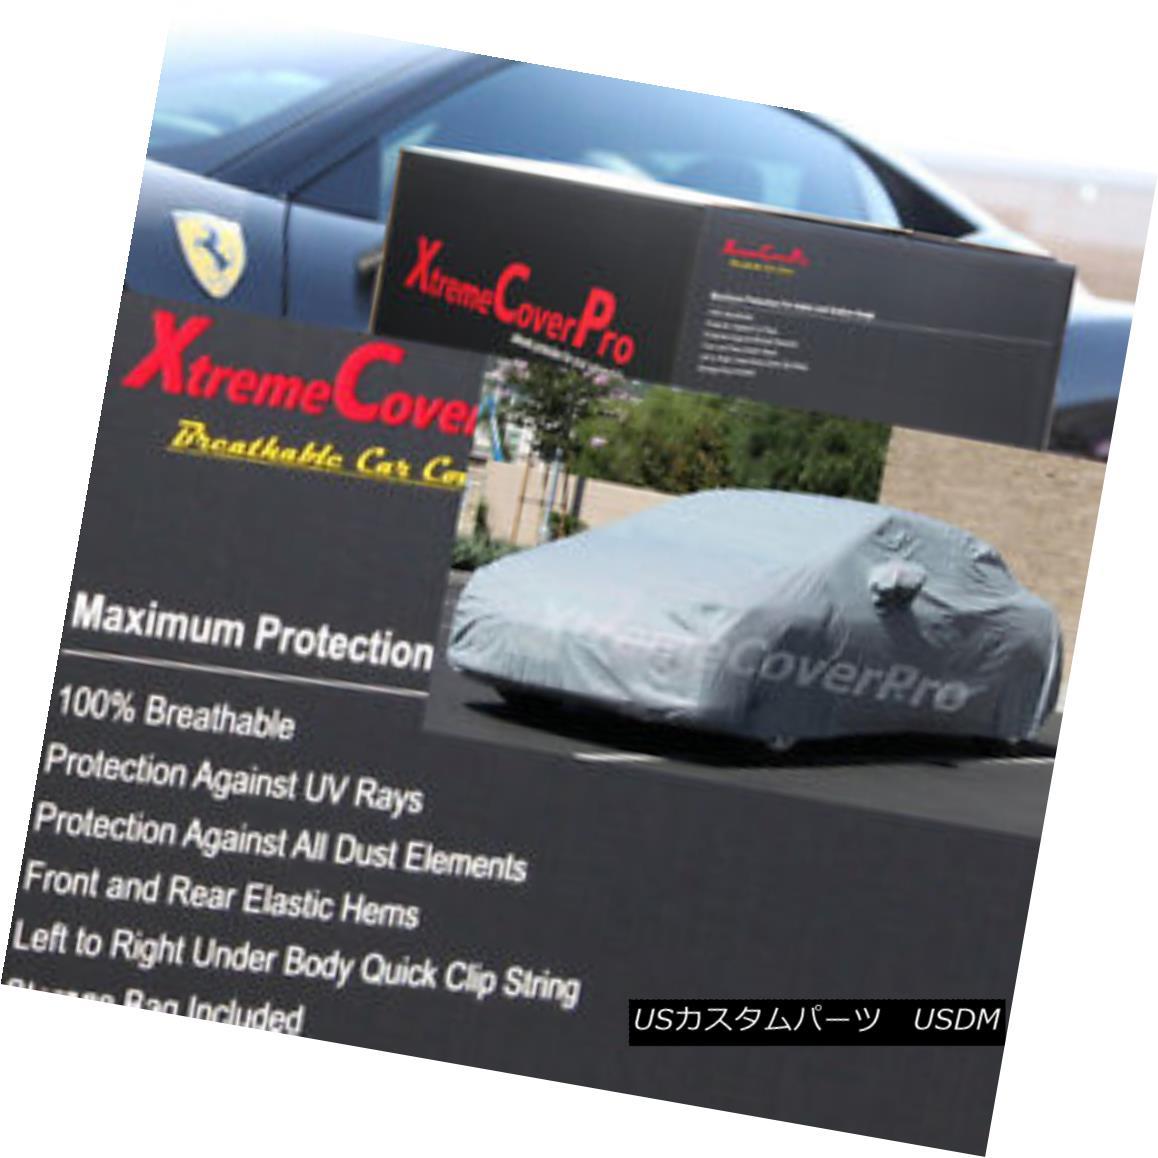 カーカバー 2013 Lexus ISF Breathable Car Cover w/MirrorPocket MirrorPocketが付いている2013年のLexus ISF通気性の車のカバー